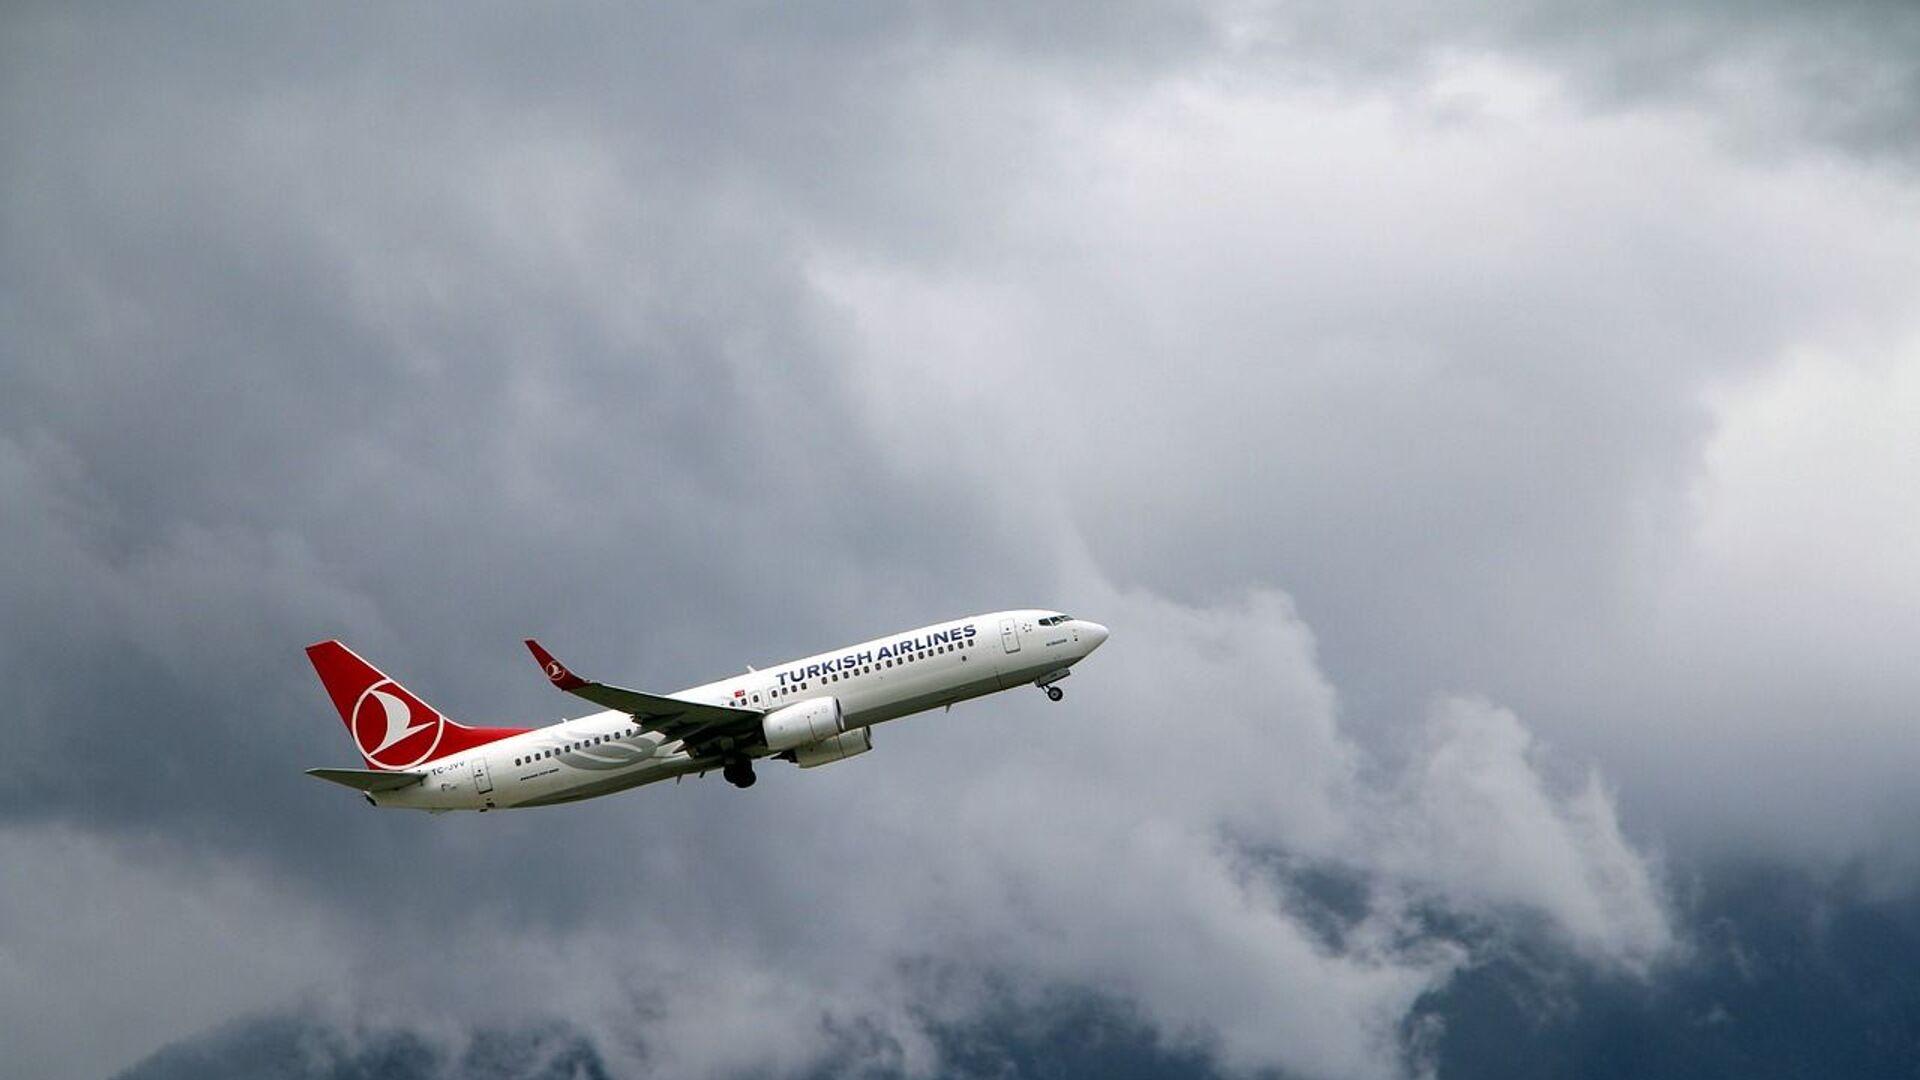 La aerolínea Turkish Airlines fue elegida 'Línea Aérea Líder de Europa' en los World Travel Awards 2019 - Sputnik Mundo, 1920, 24.05.2021